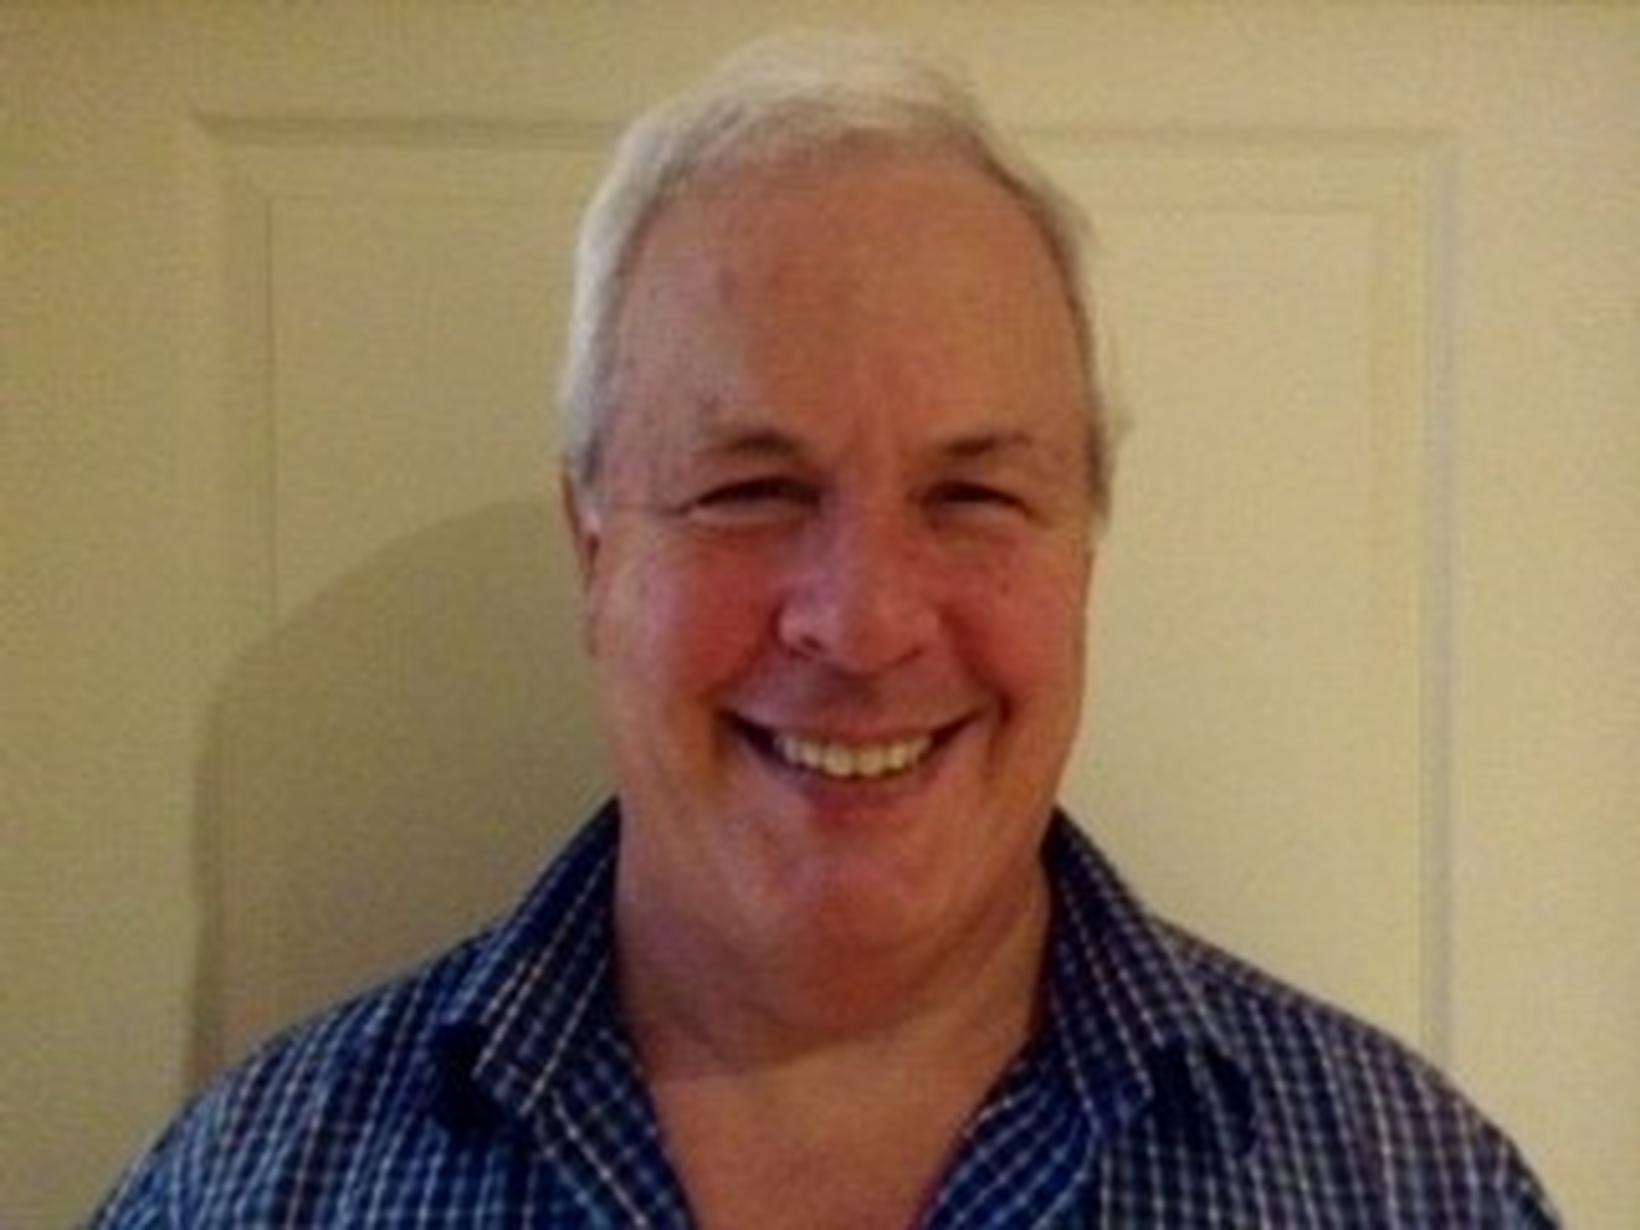 Rodney from Killara, New South Wales, Australia